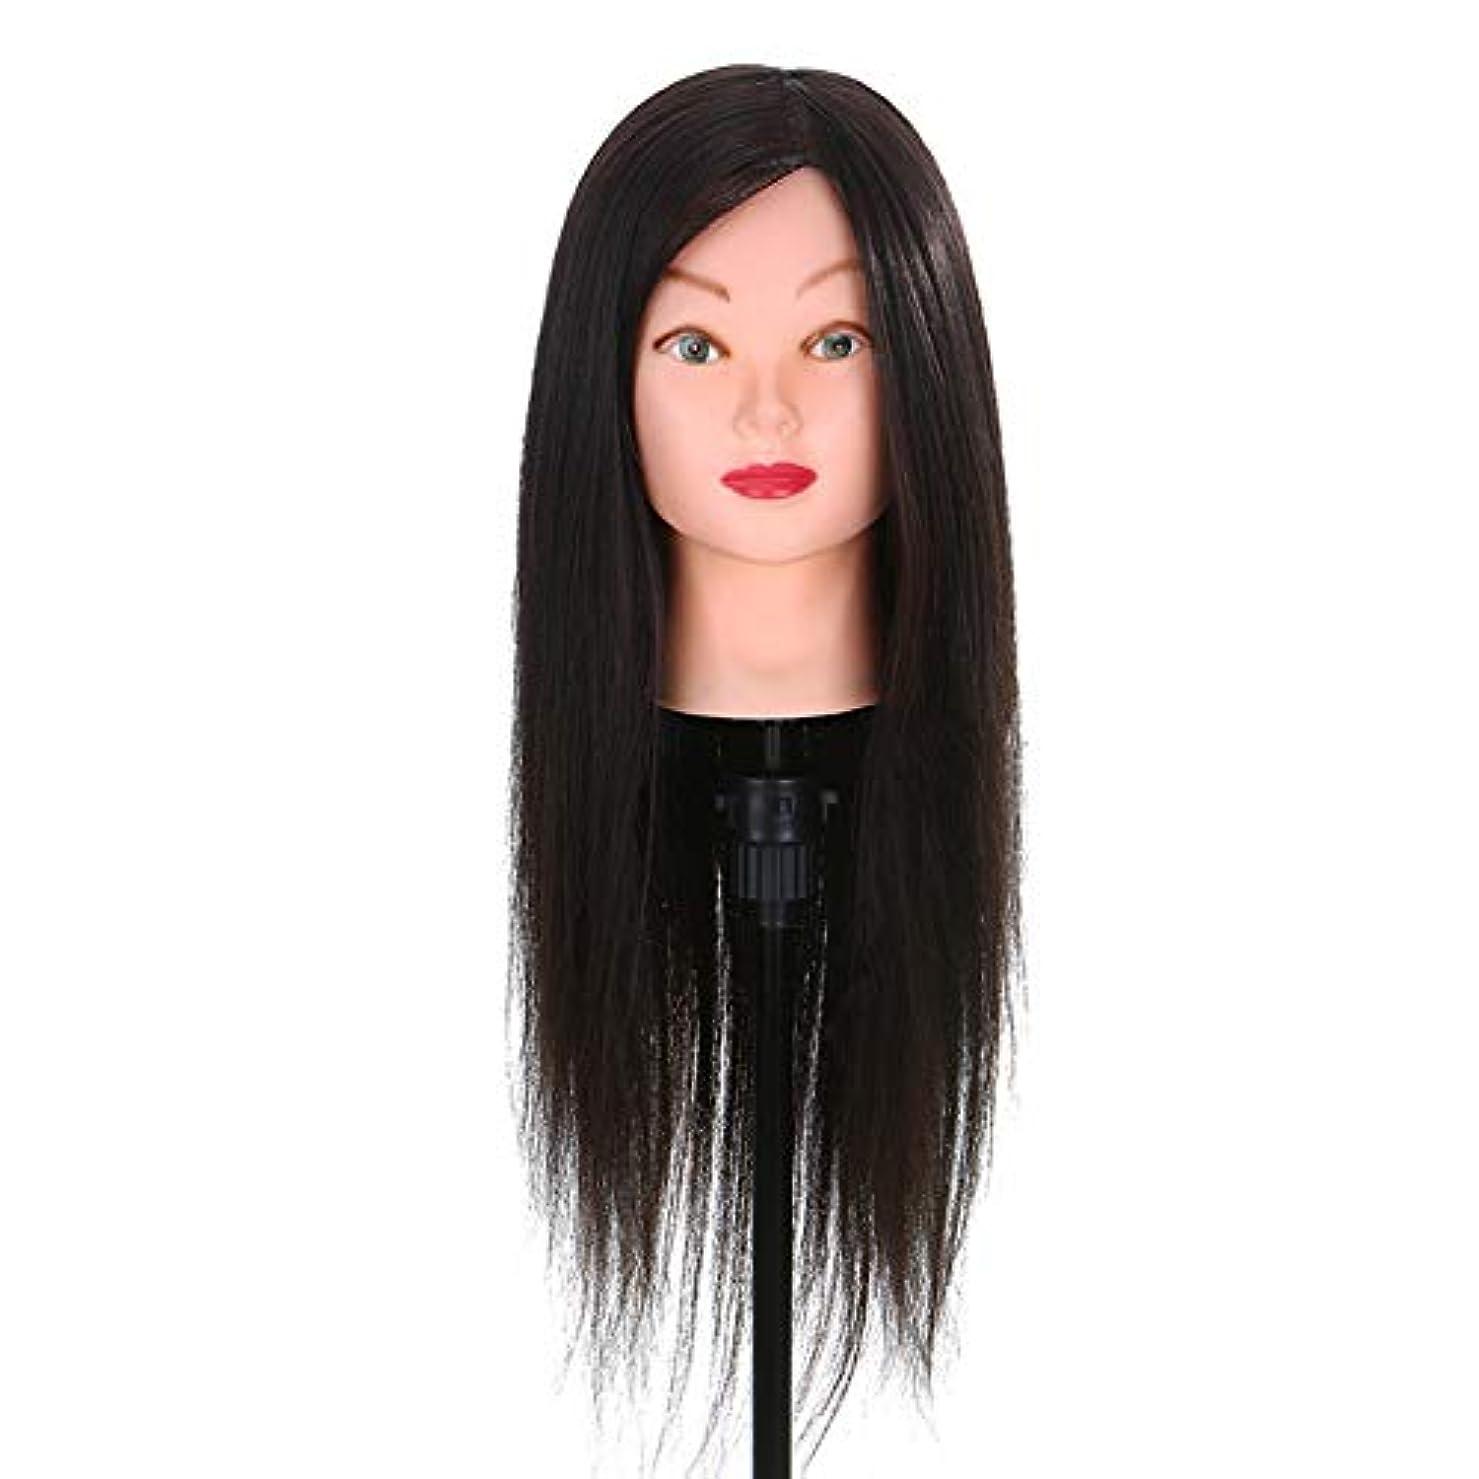 アルコーブ取り出す反対練習ディスク髪編組ヘアモデル理髪店スクールティーチングヘッドロングかつら美容マネキンヘッドブラケット